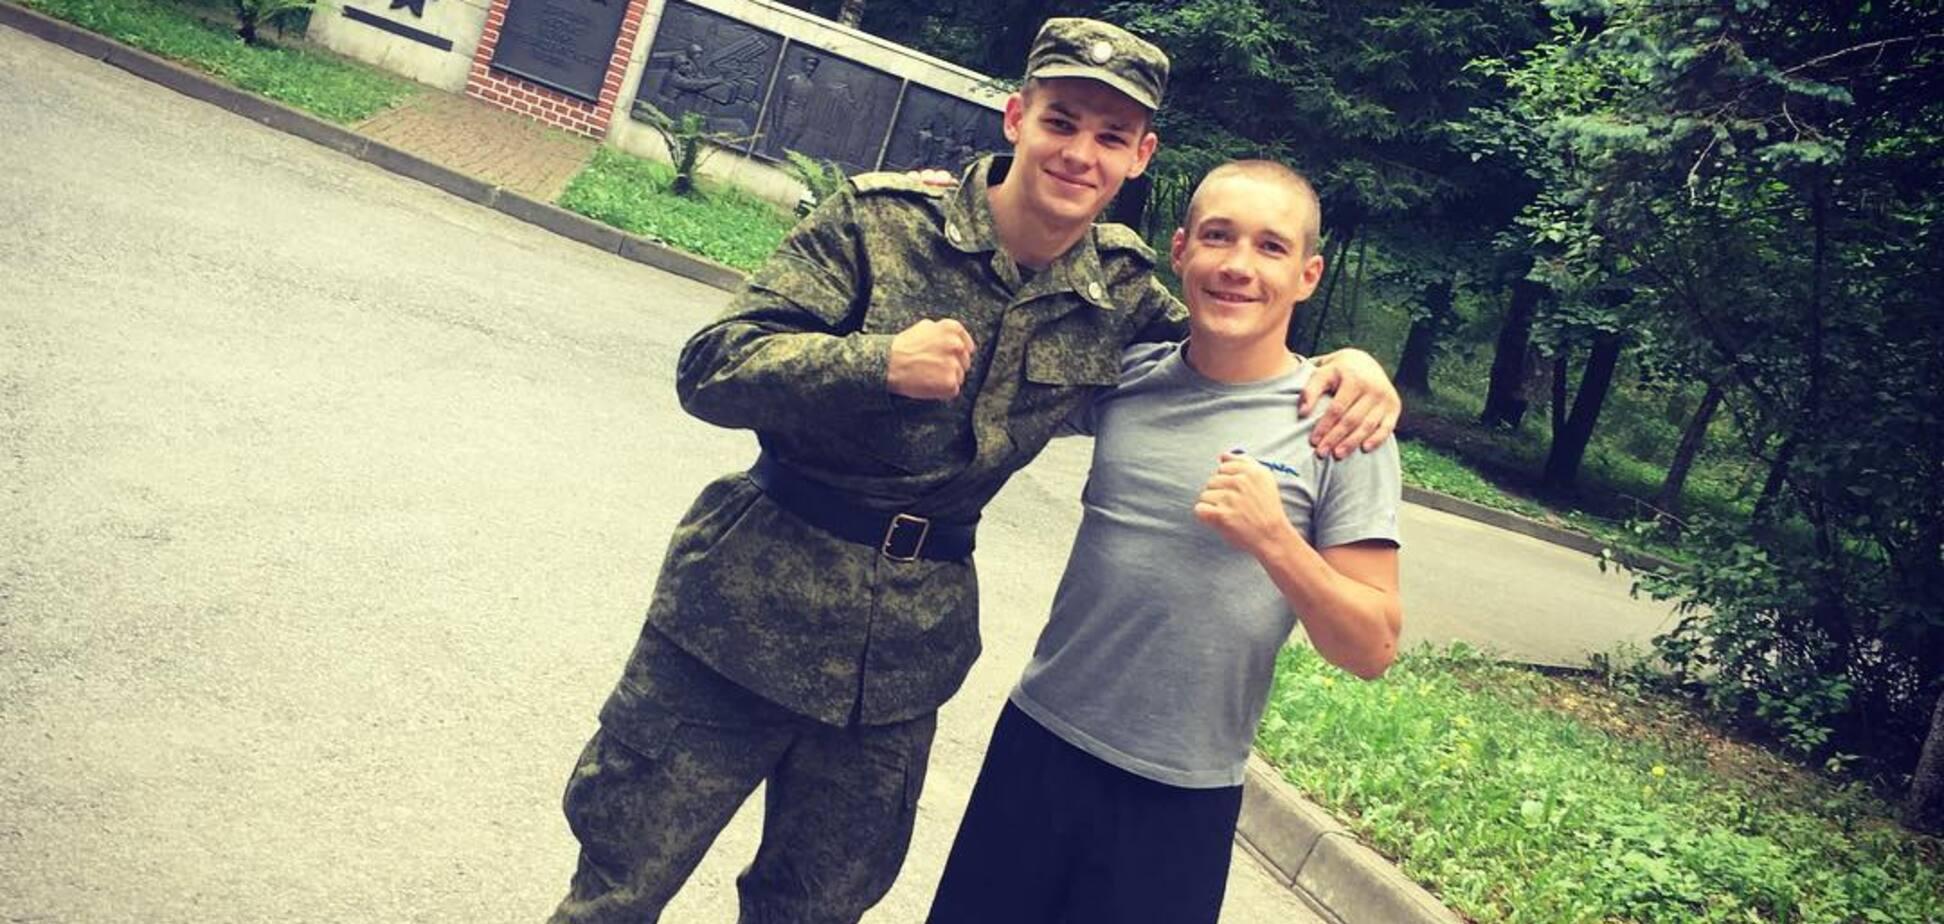 Знаменитый украинский боксер сделал фото с бойцом российской армии